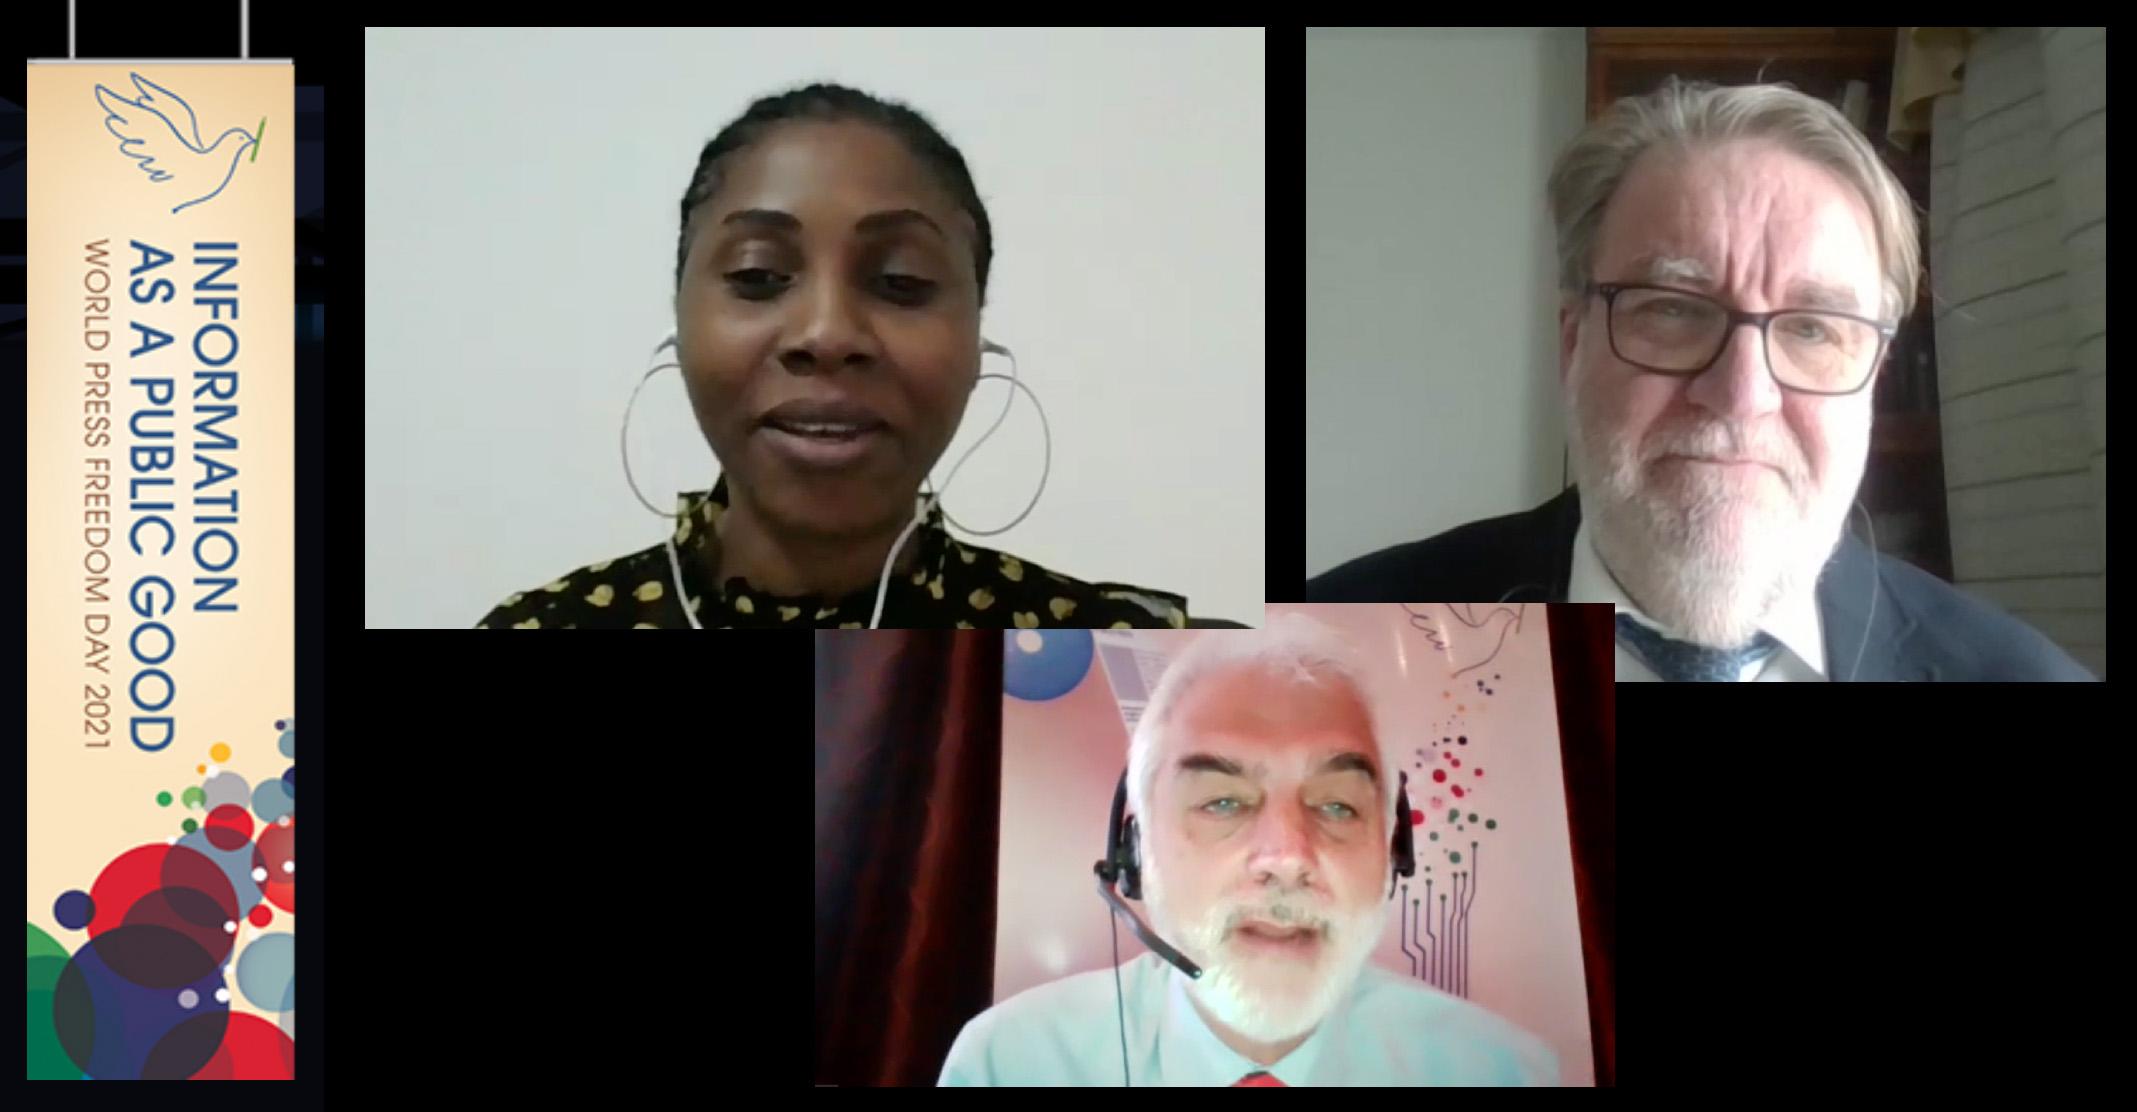 Ruutukaappaus panellikeskustelusta, jossa puhujat Jeanne Nguidjoi, Rauno Merisaari ja Guy Berger